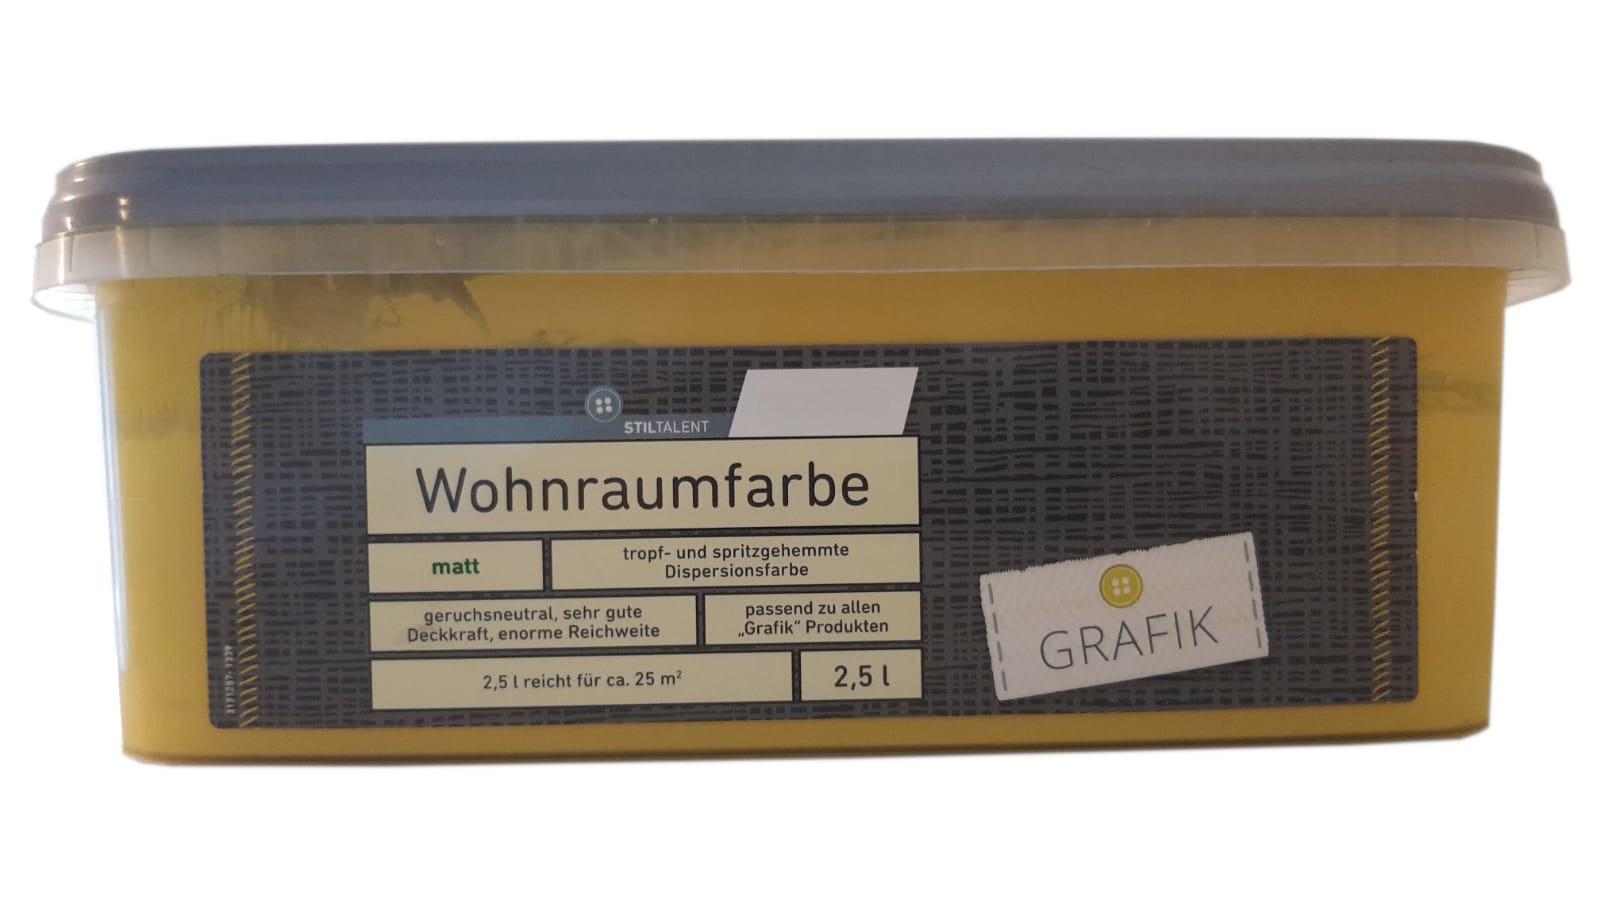 Farbige Hochleistungs-Bunte Wandfarbe mit extrem hoher Ergiebigkeit  Wohnraumfarbe Matt 2,5 Liter